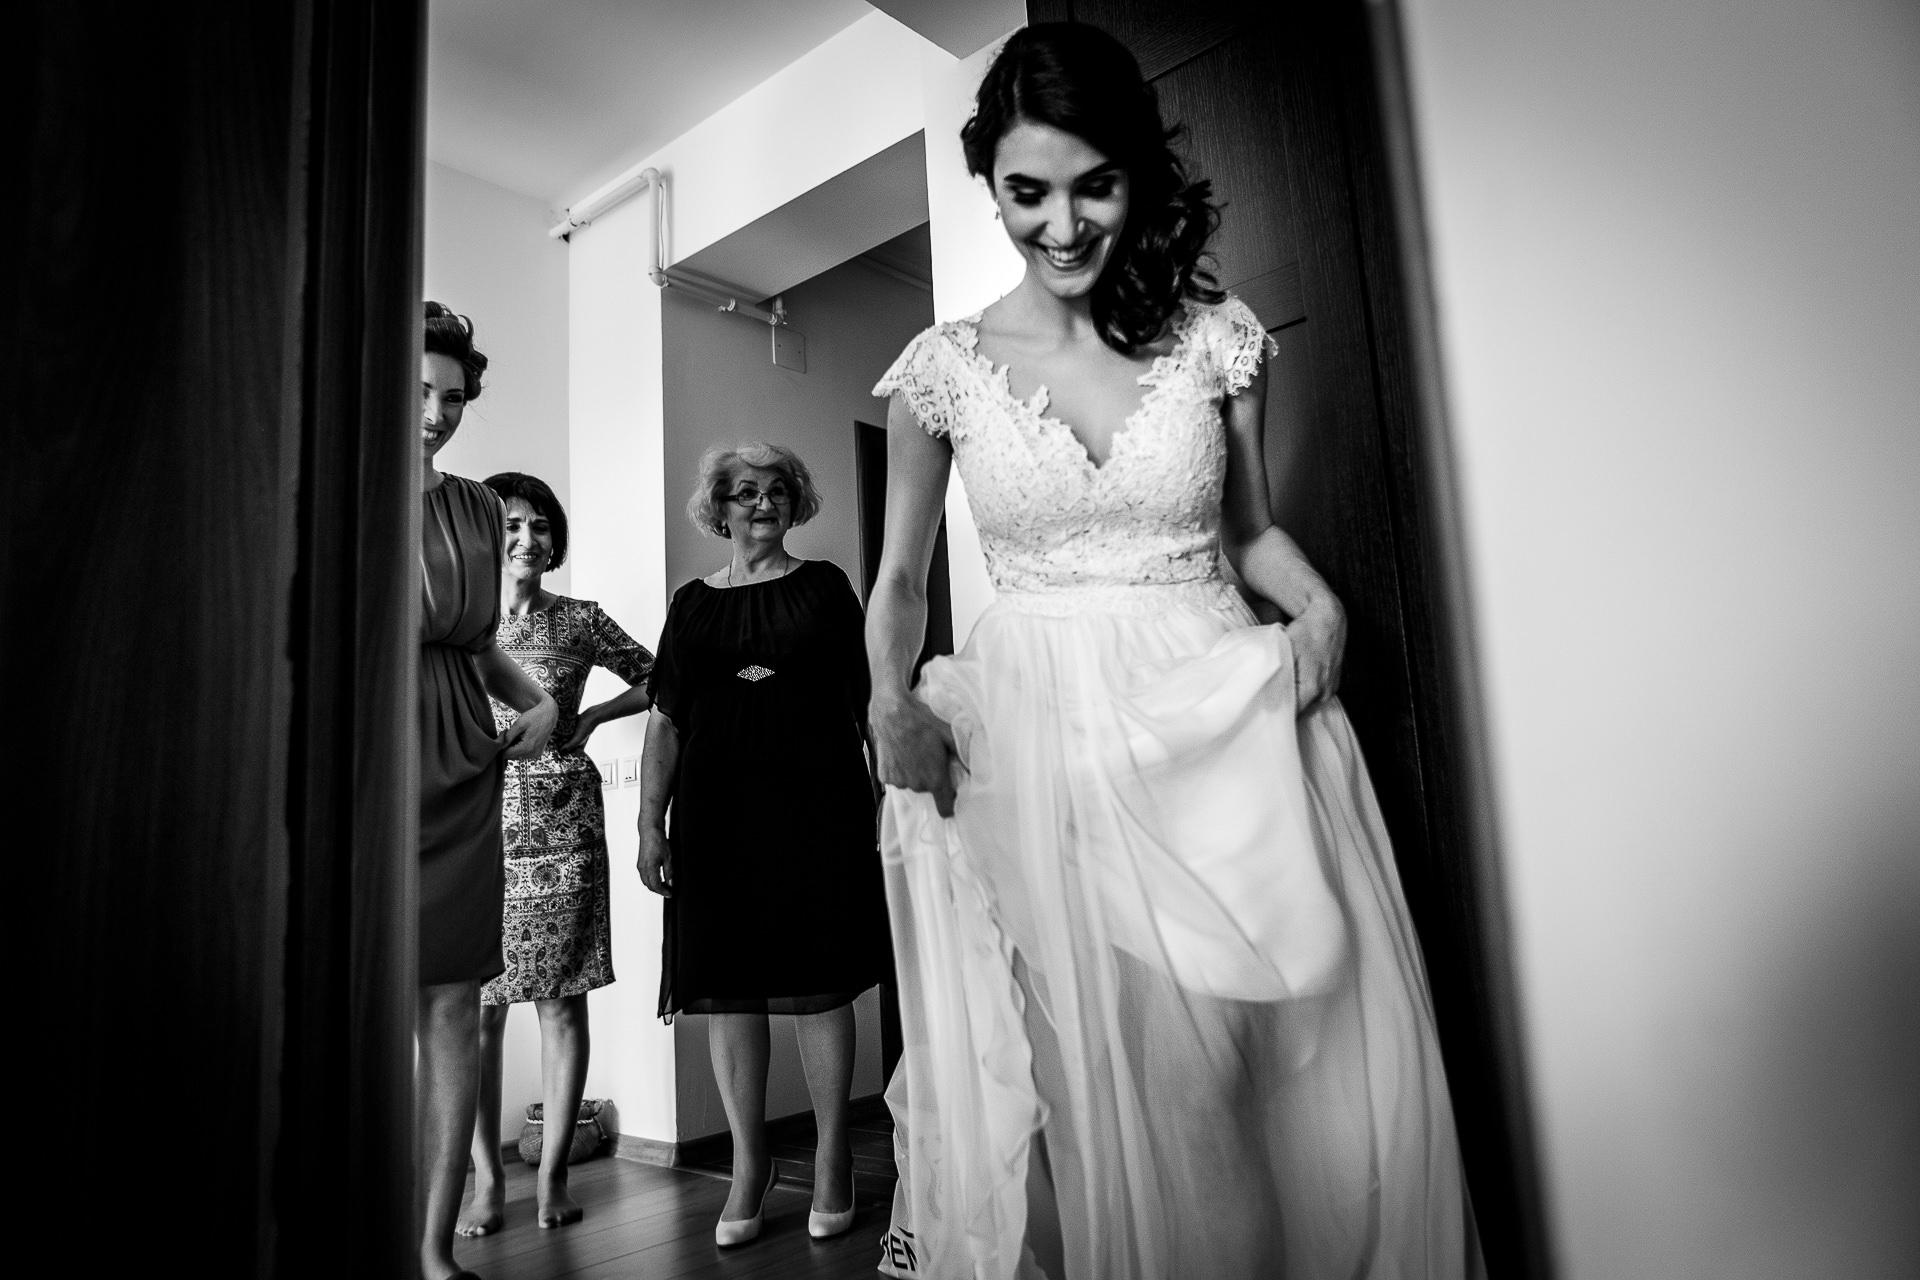 nuntă Salon Elisabeta - Elena şi Costin - Mihai Zaharia Photography - 022